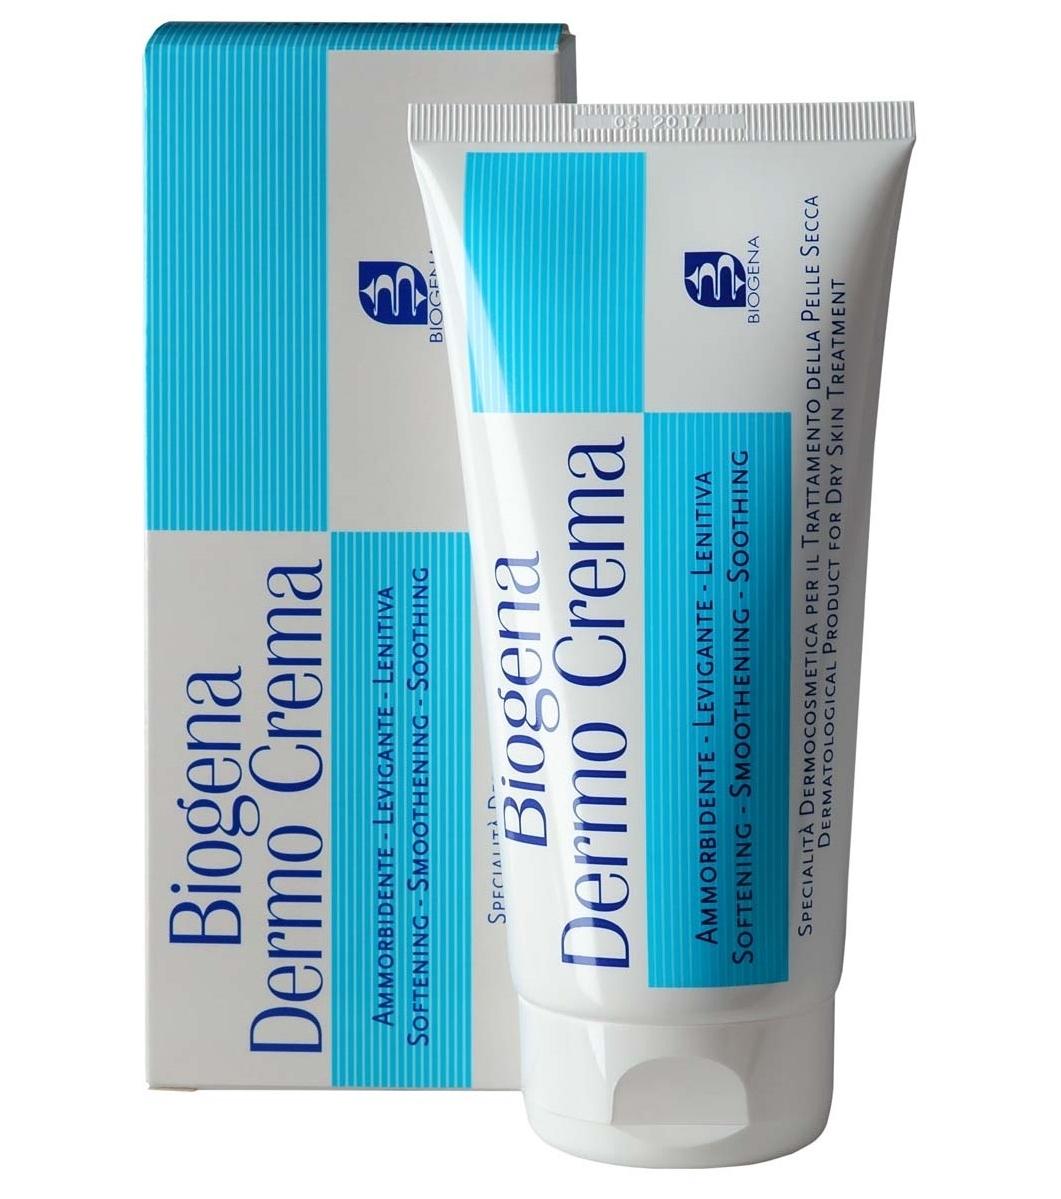 Histomer Питательный дермо-крем Биоджена для тела Biogena Dermo Crema, 200 мл цена